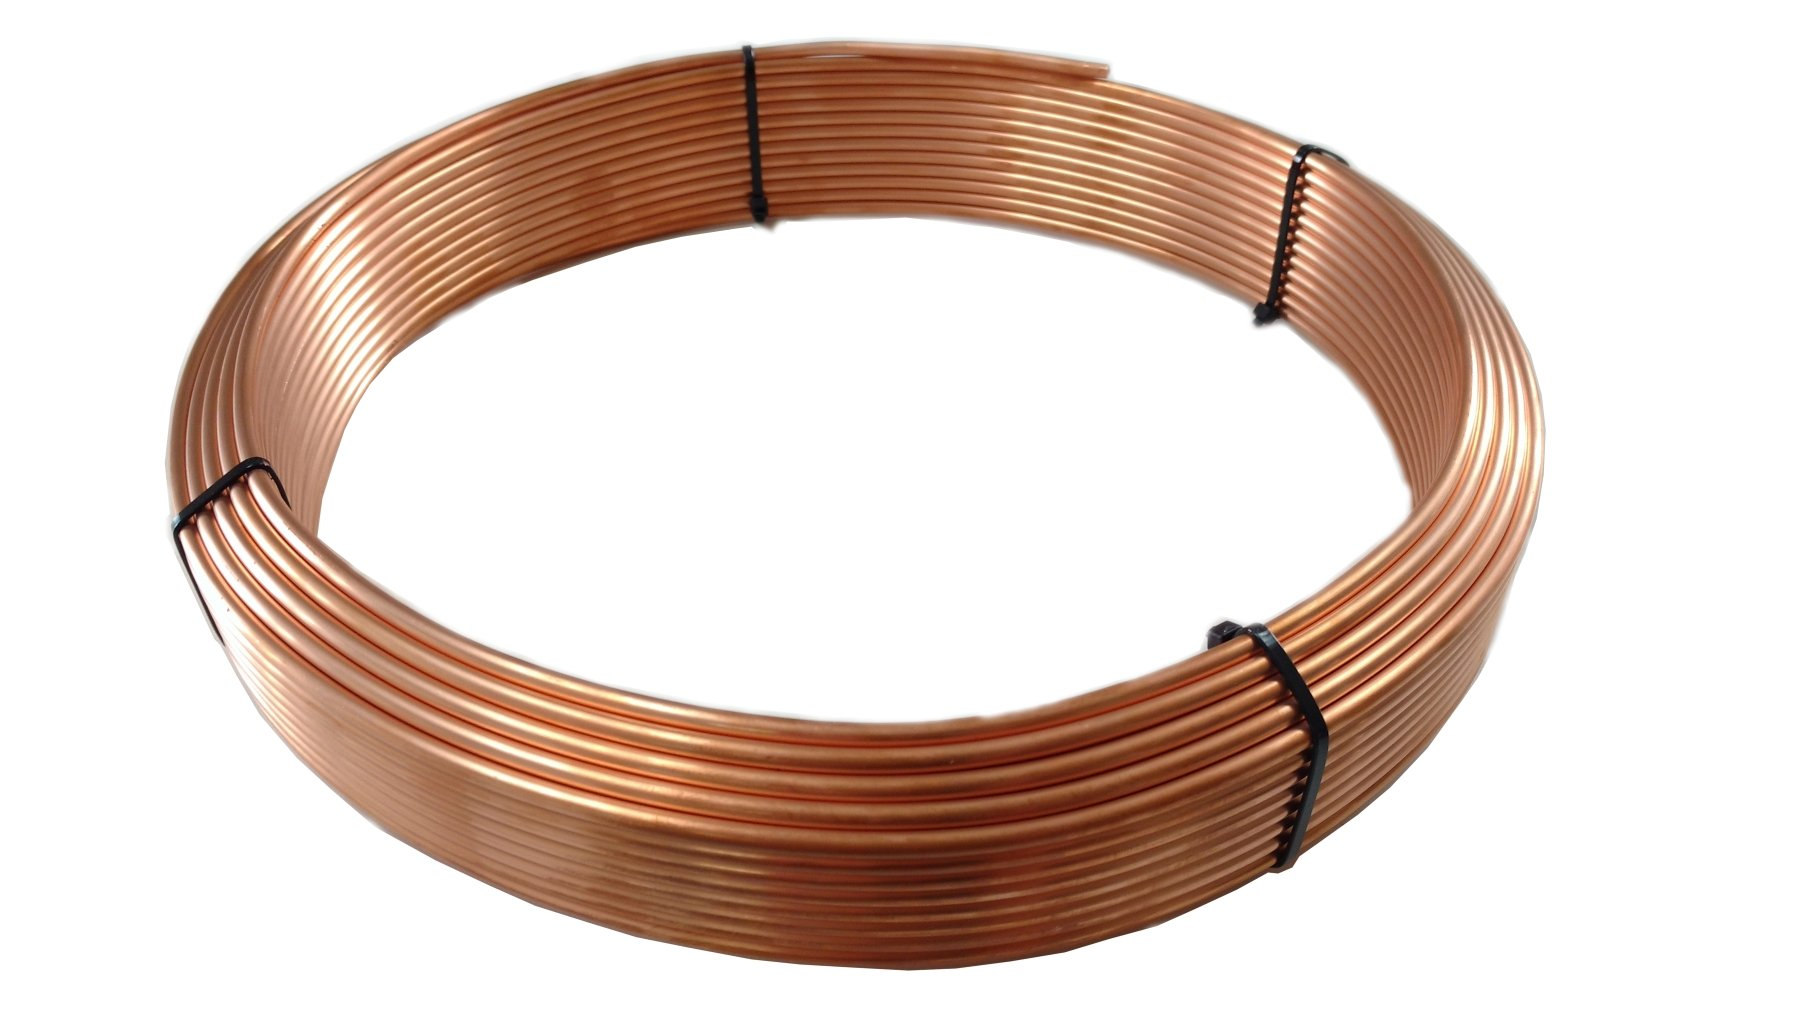 трубка труба медная на провода топливные fi 8x1